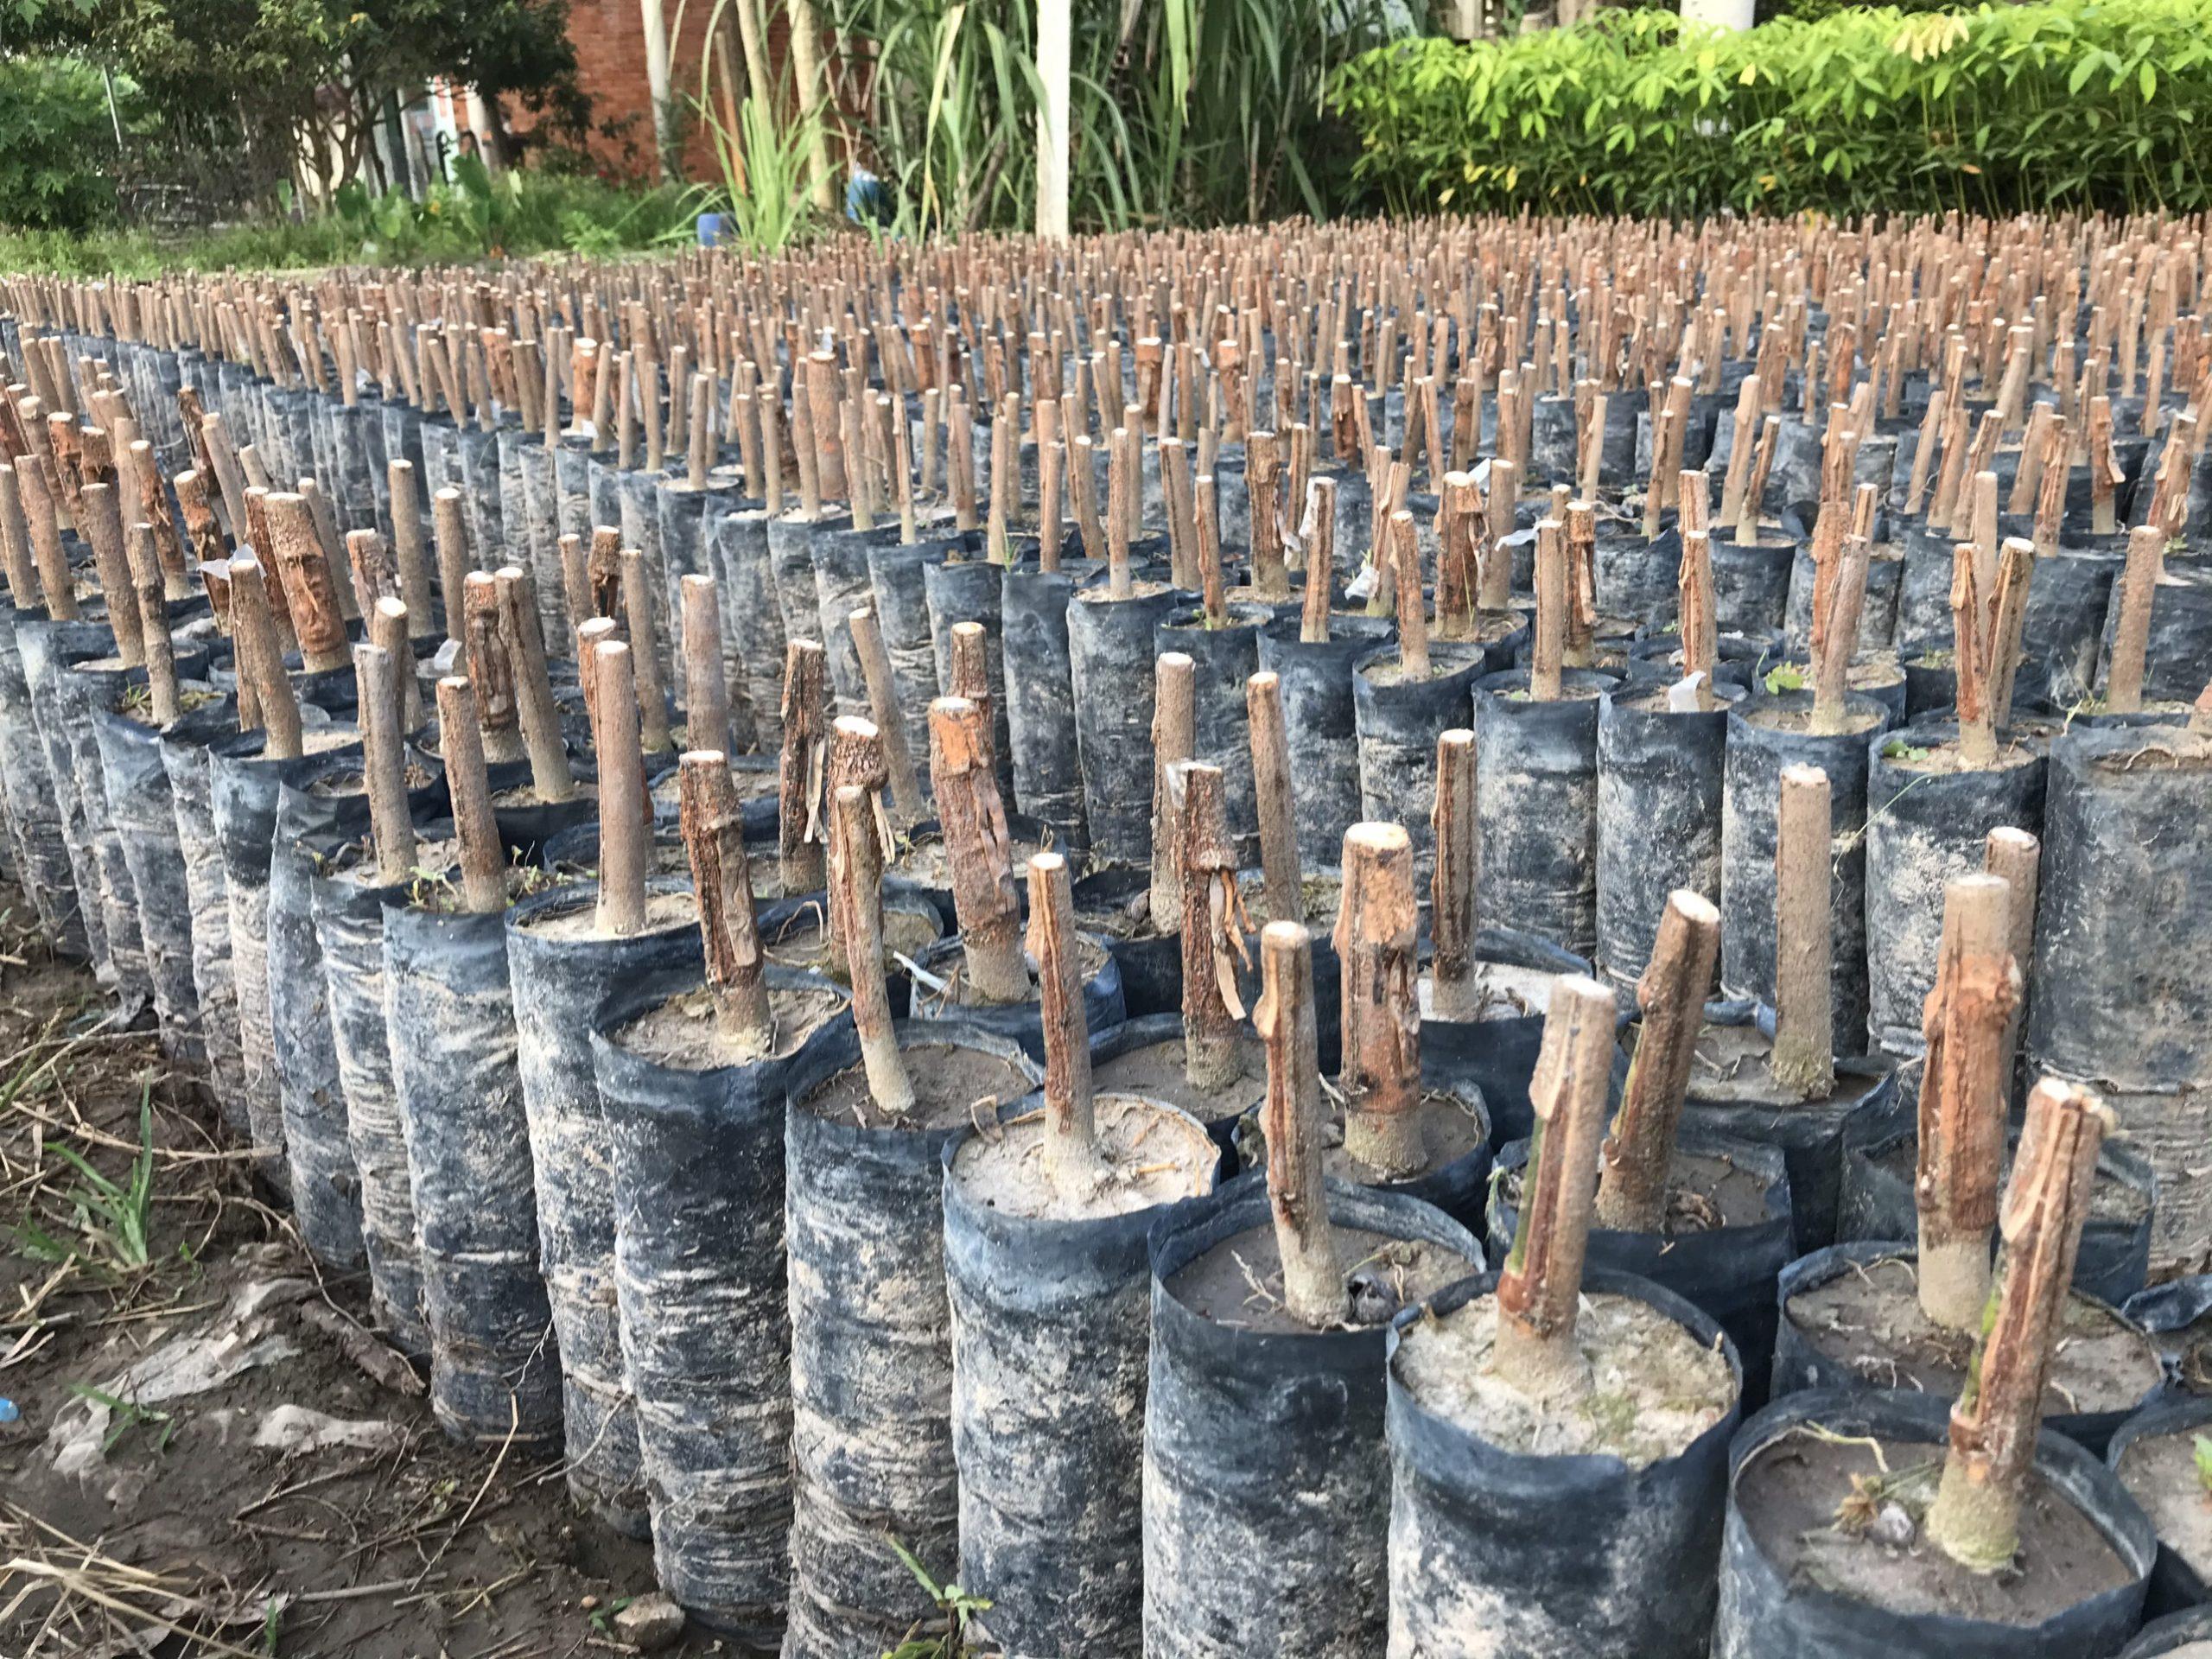 Stump bầu hạt cắt ngọn